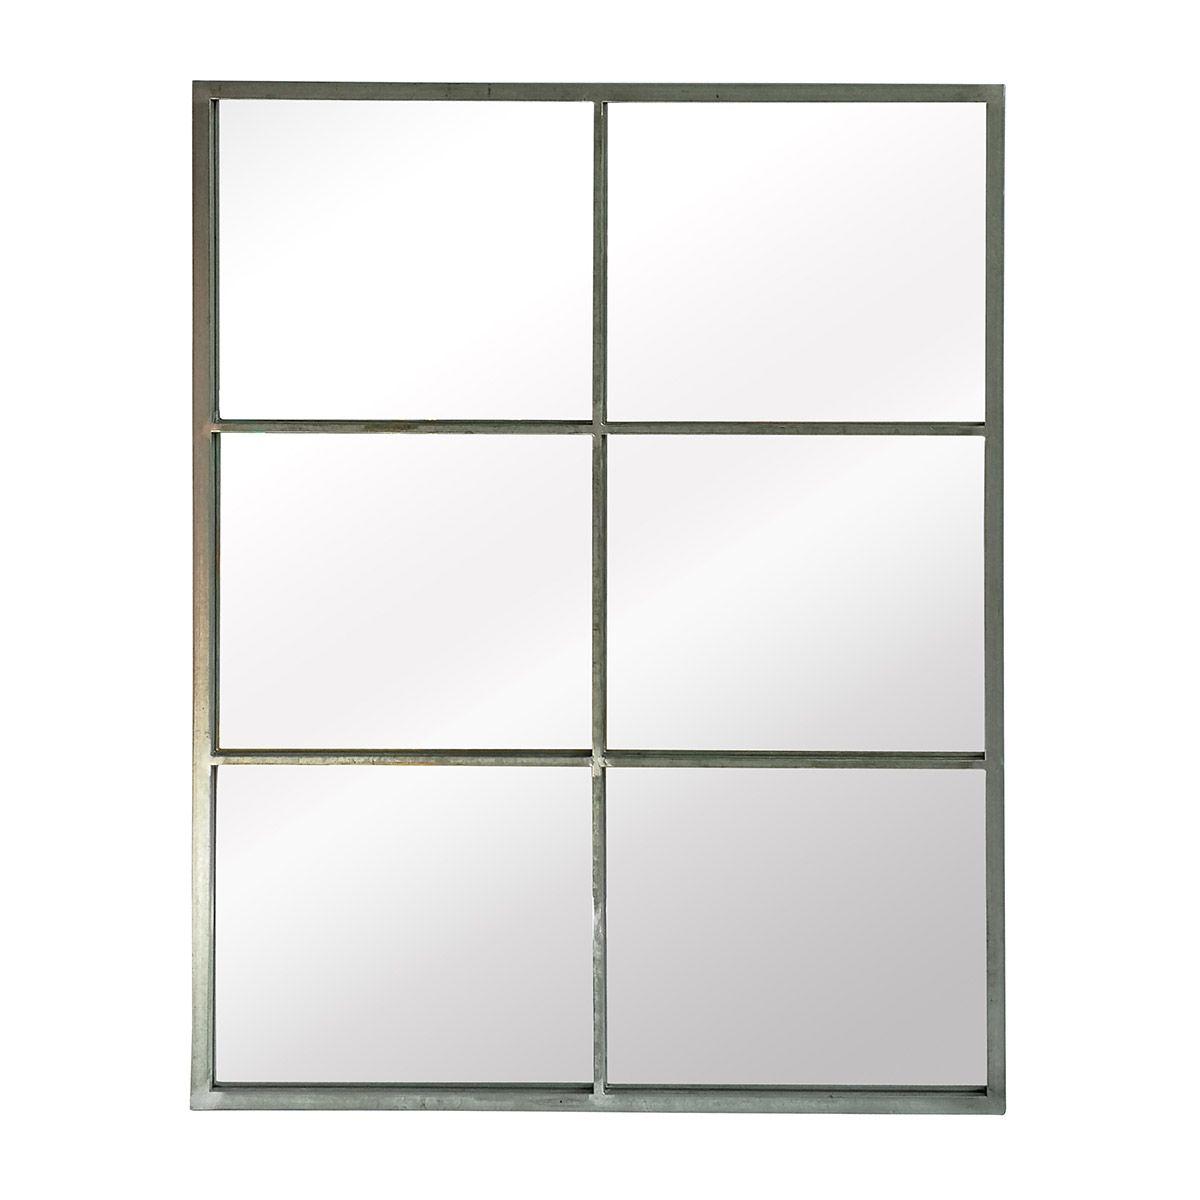 Miroir verrière rectangulaire gris 85x110